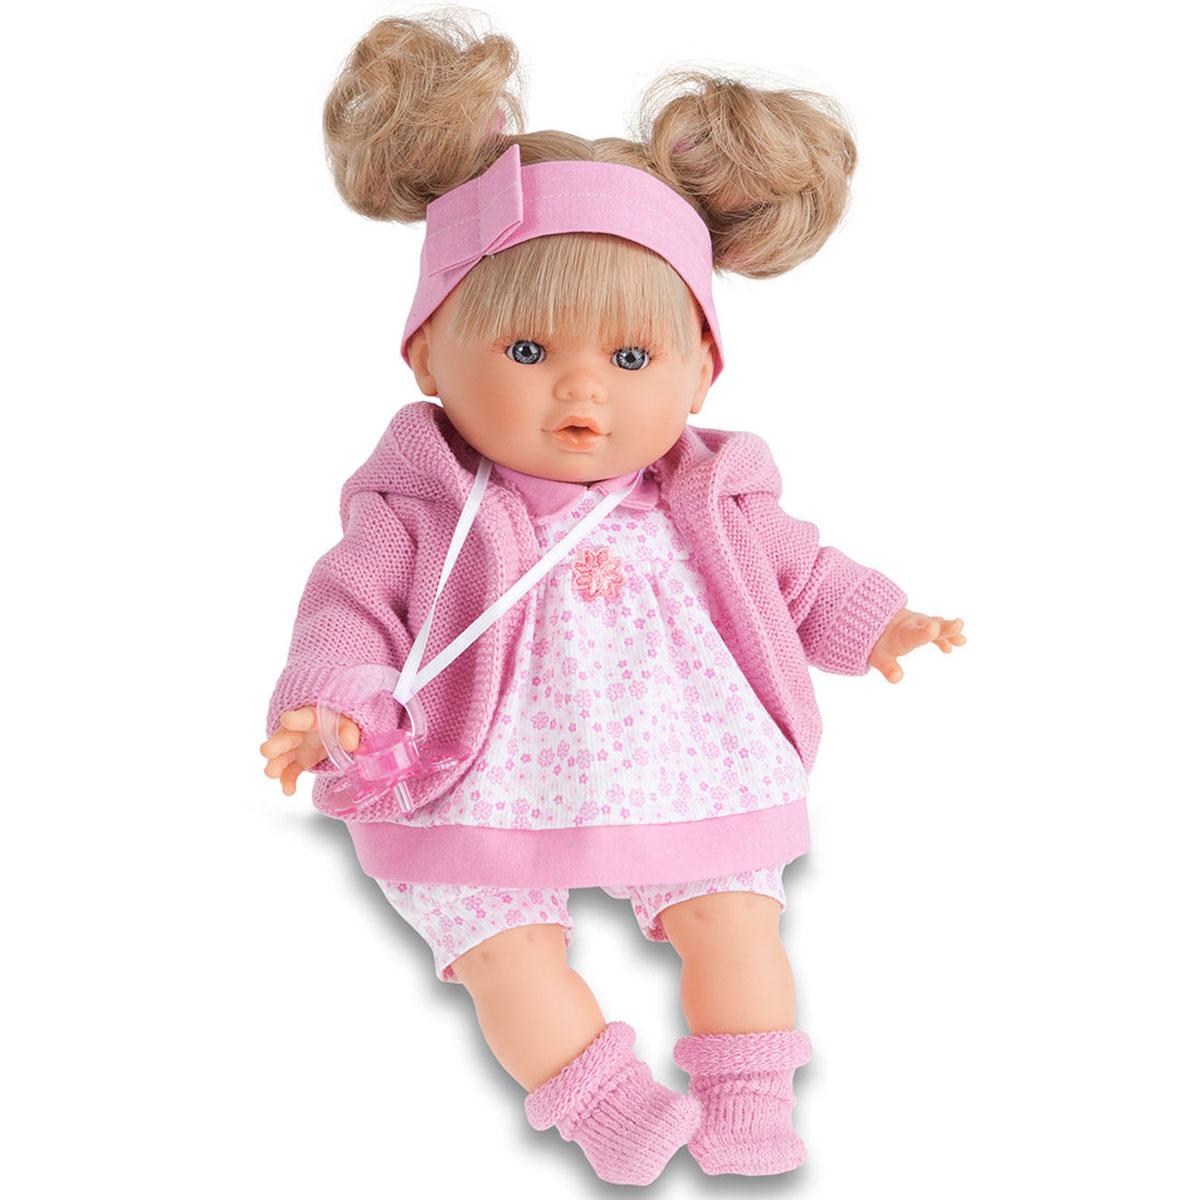 Juan Antonio Пупс Кристи в розовом костюме куклы antonio juan кукла рамон в синем озвученная 40см